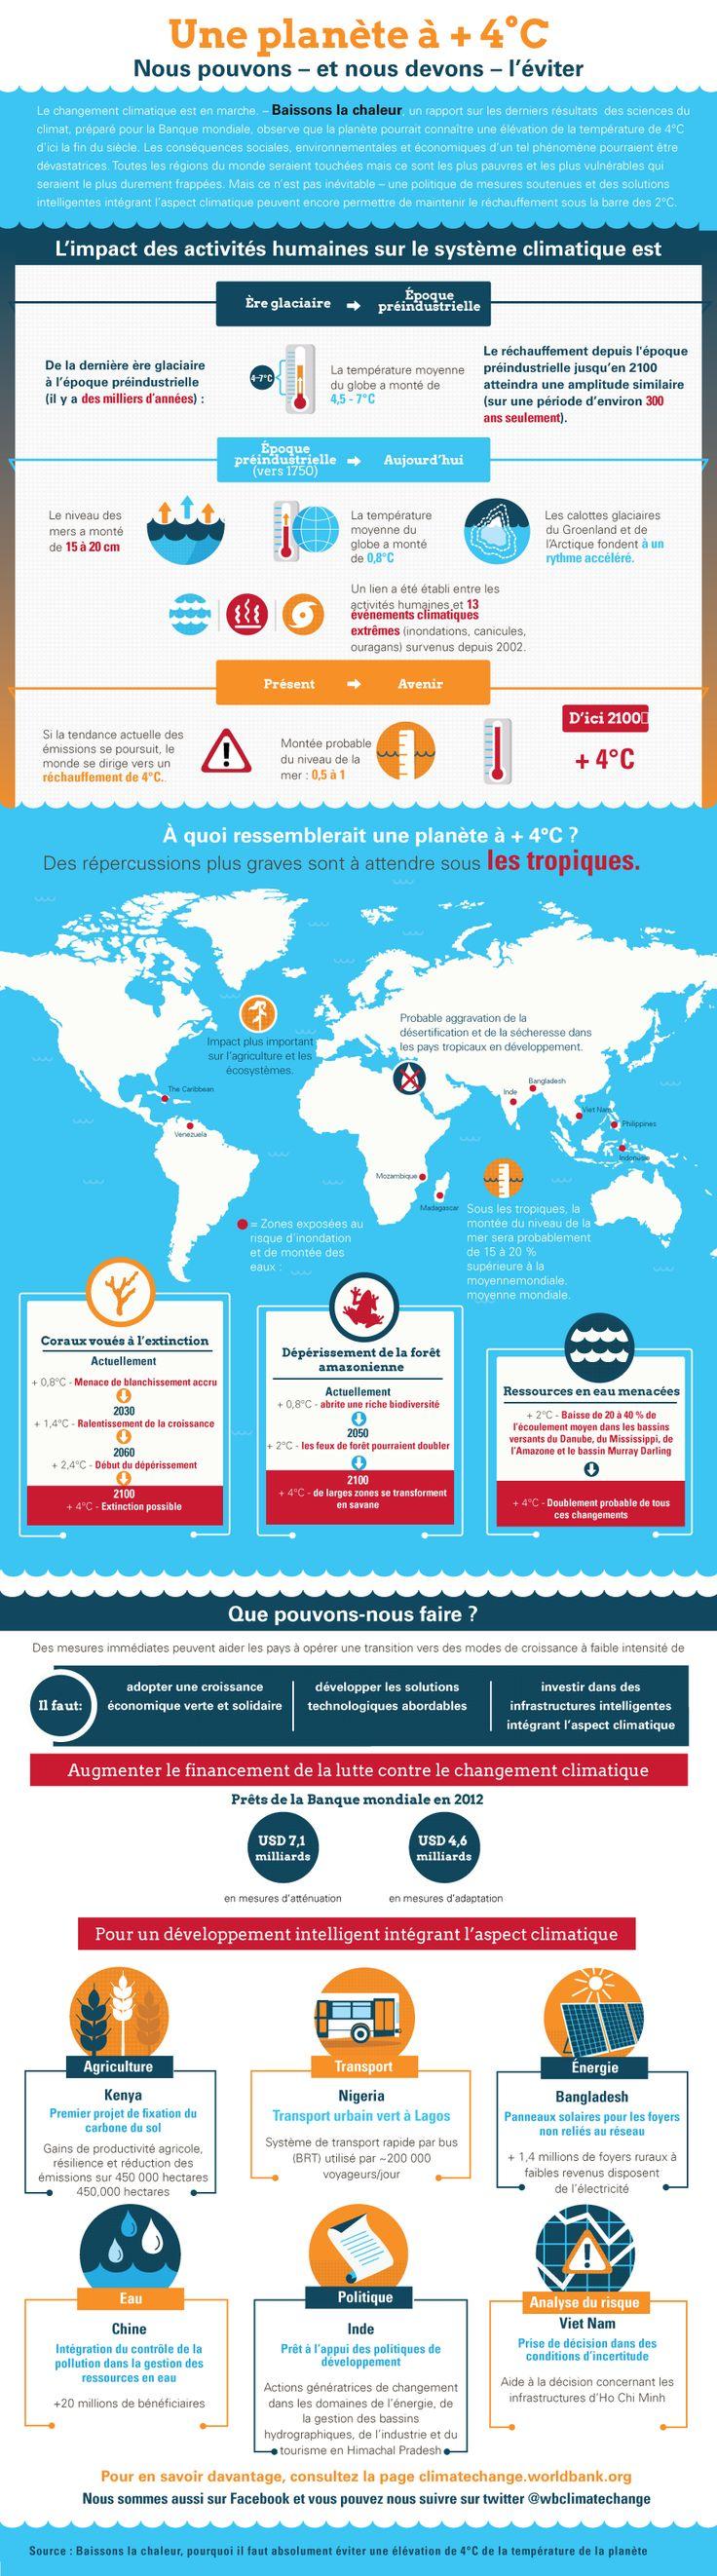 Les conséquences d'une élévation de la température moyenne de 4 °C d'ici la fin du siècle : pénuries alimentaires généralisées, vagues de chaleur sans précédent et cyclones plus intenses | Source : Banque mondiale, http://www-wds.worldbank.org/external/default/WDSContentServer/WDSP/IB/2013/06/14/000442464_20130614130434/Rendered/PDF/784220WP0Frenc0D0CONF0to0June019090.pdf